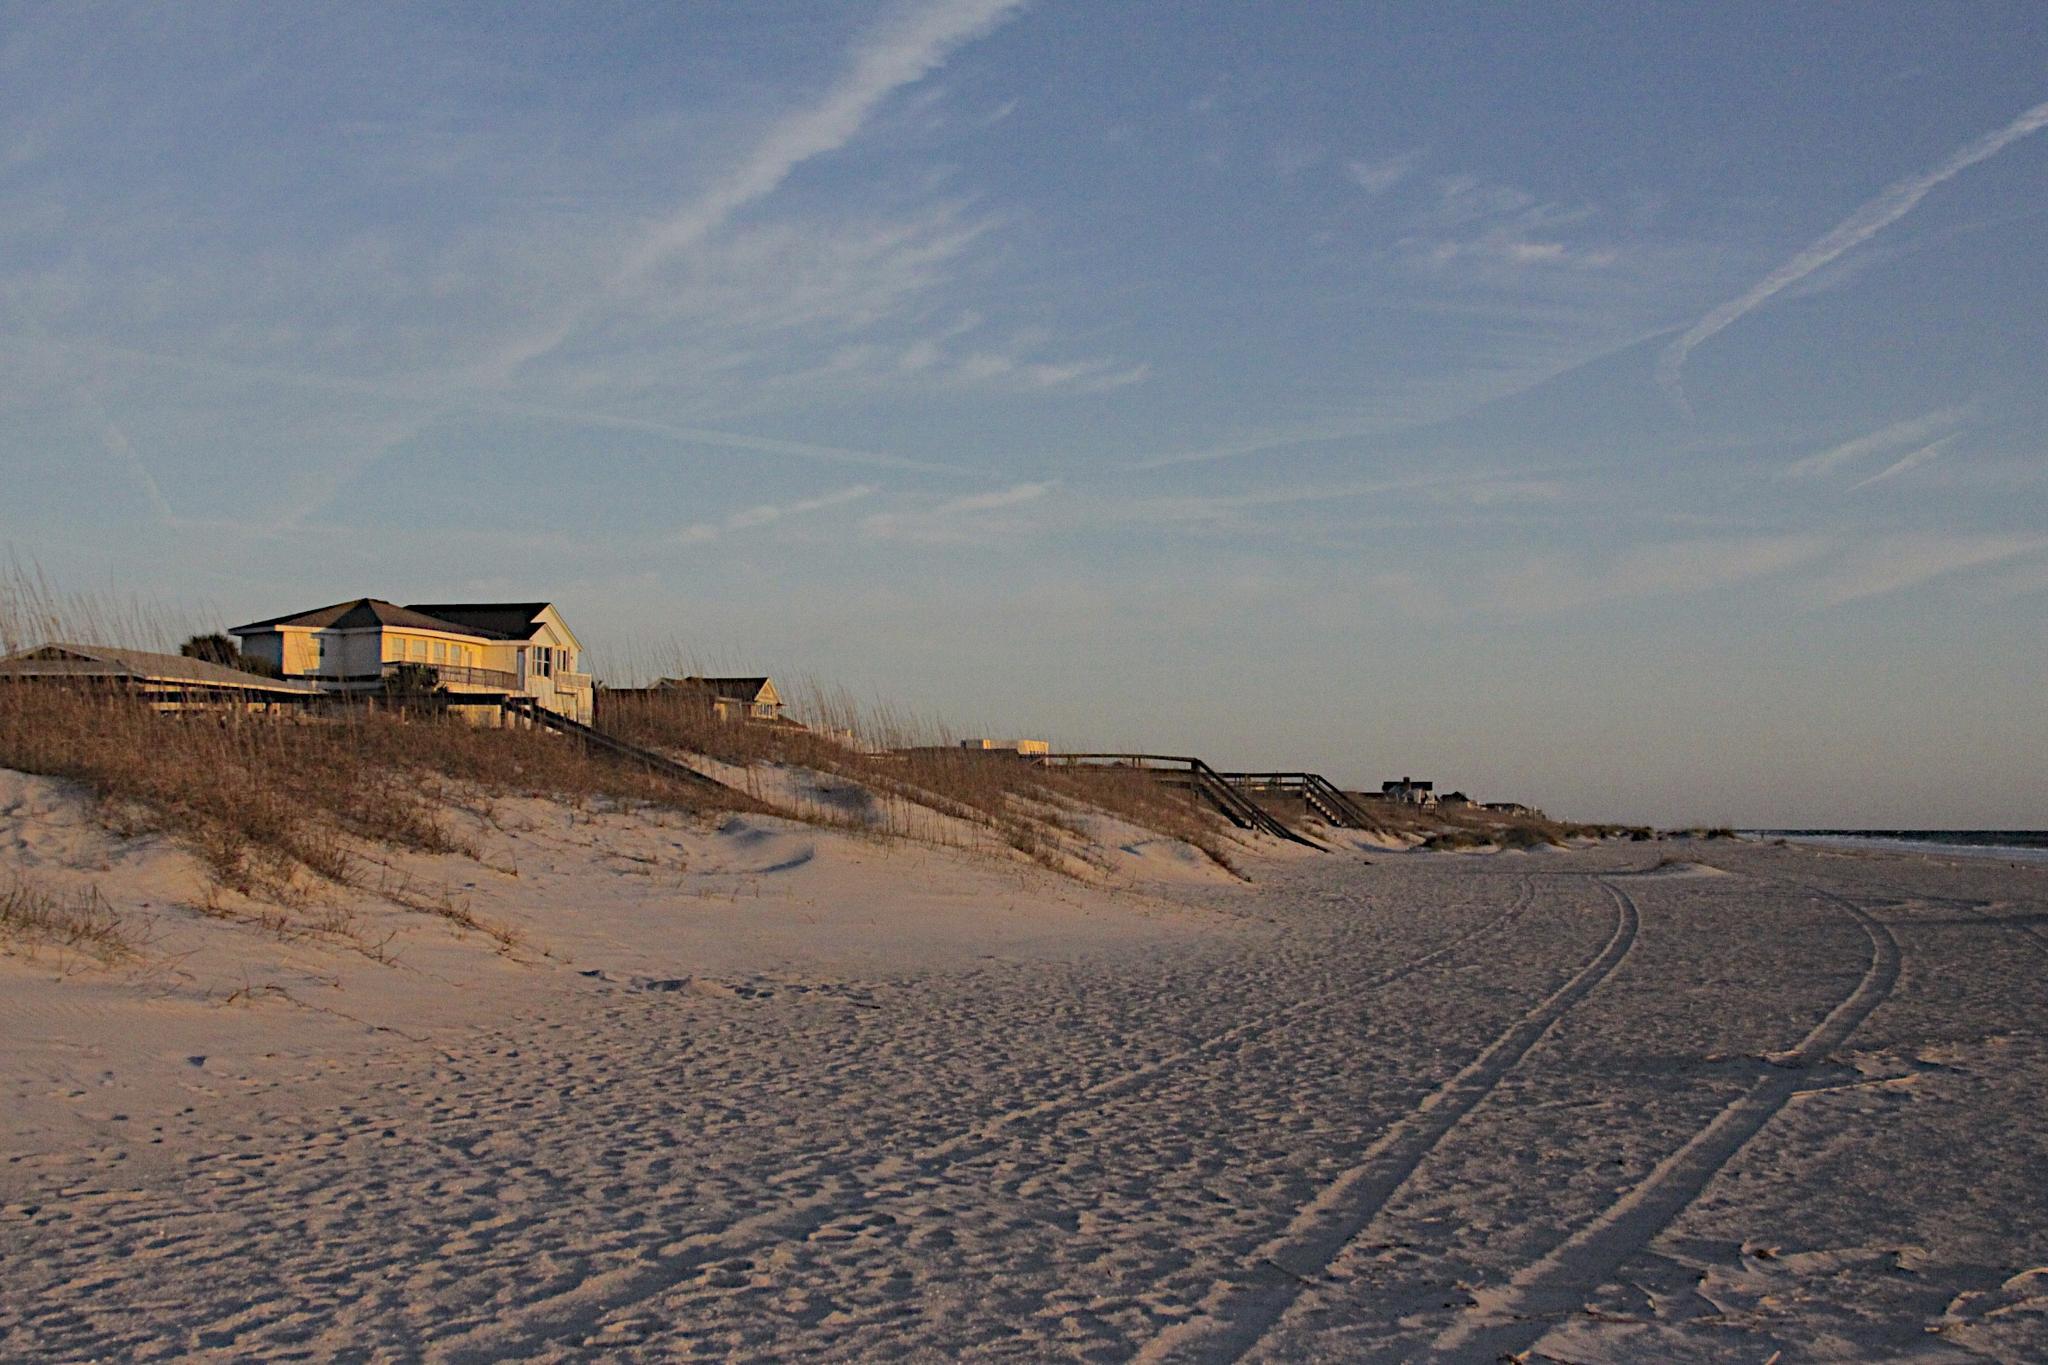 beach homes by Melanie Smith